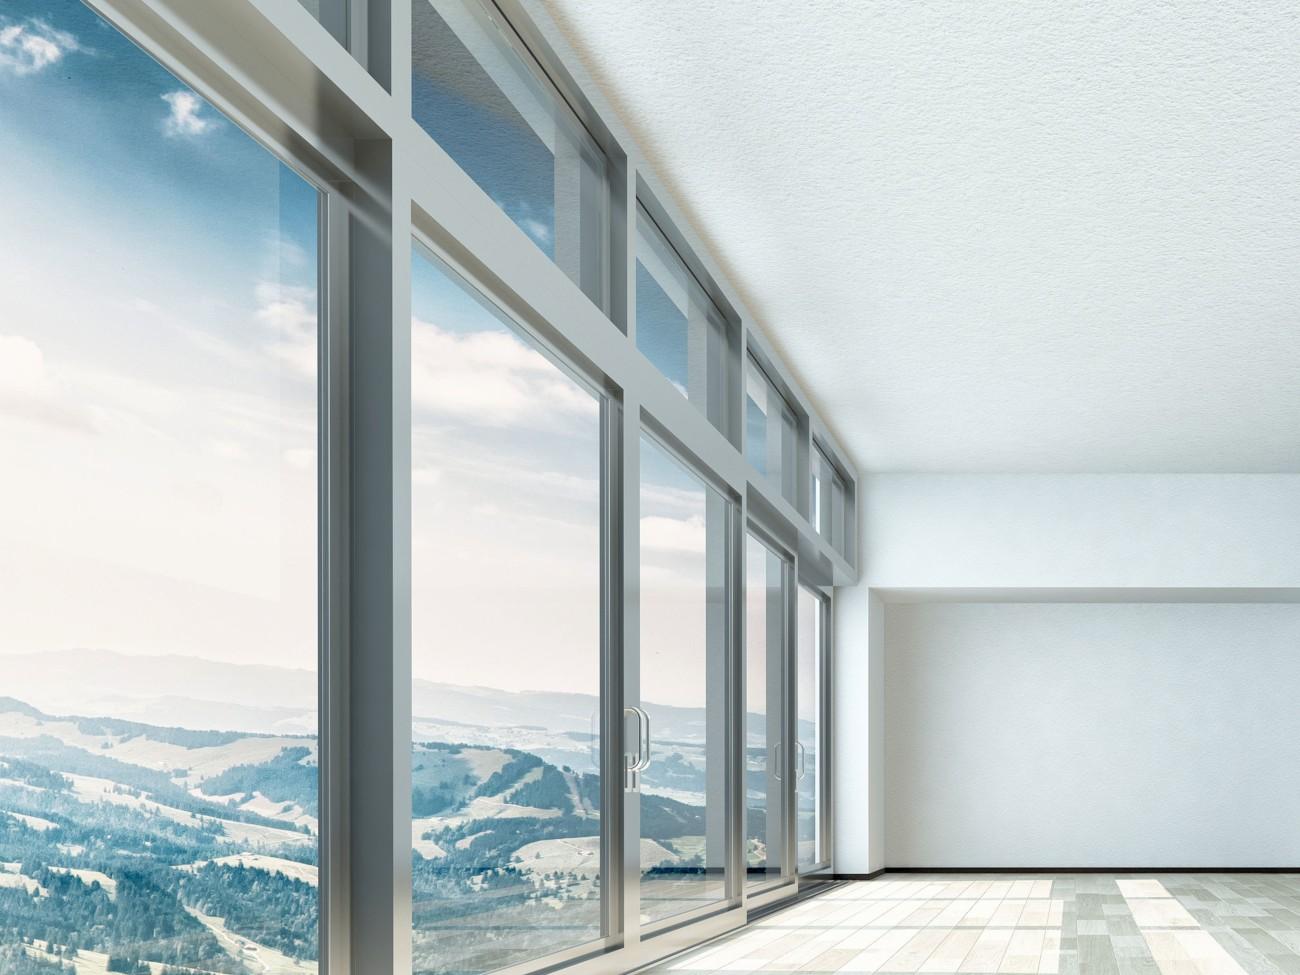 Aluminium doors with beautiful view